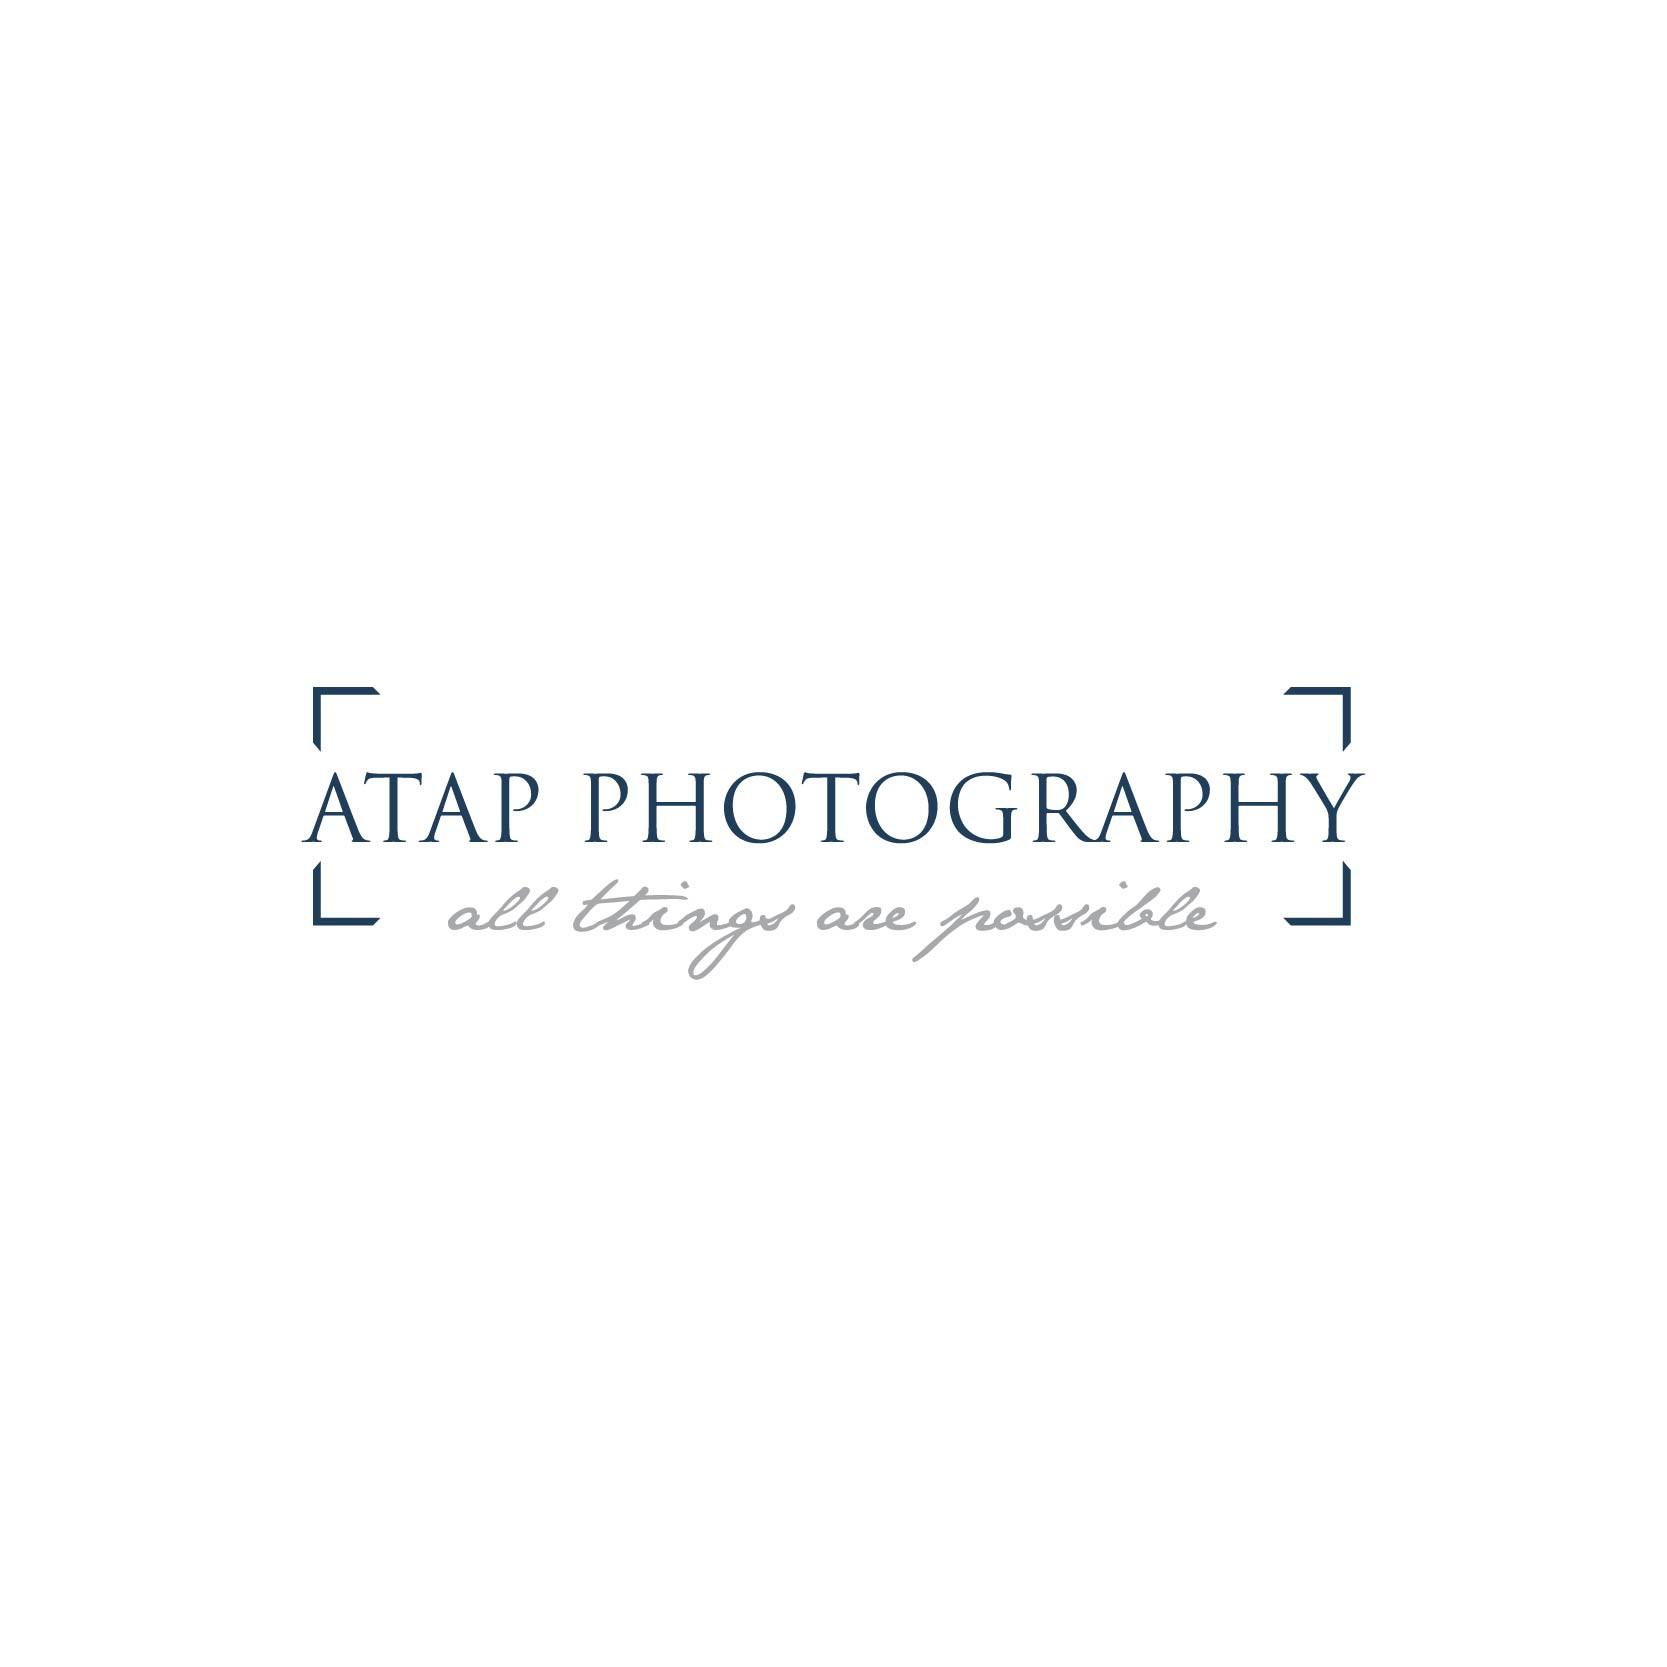 Modern Elegant Logo for Photography Studio